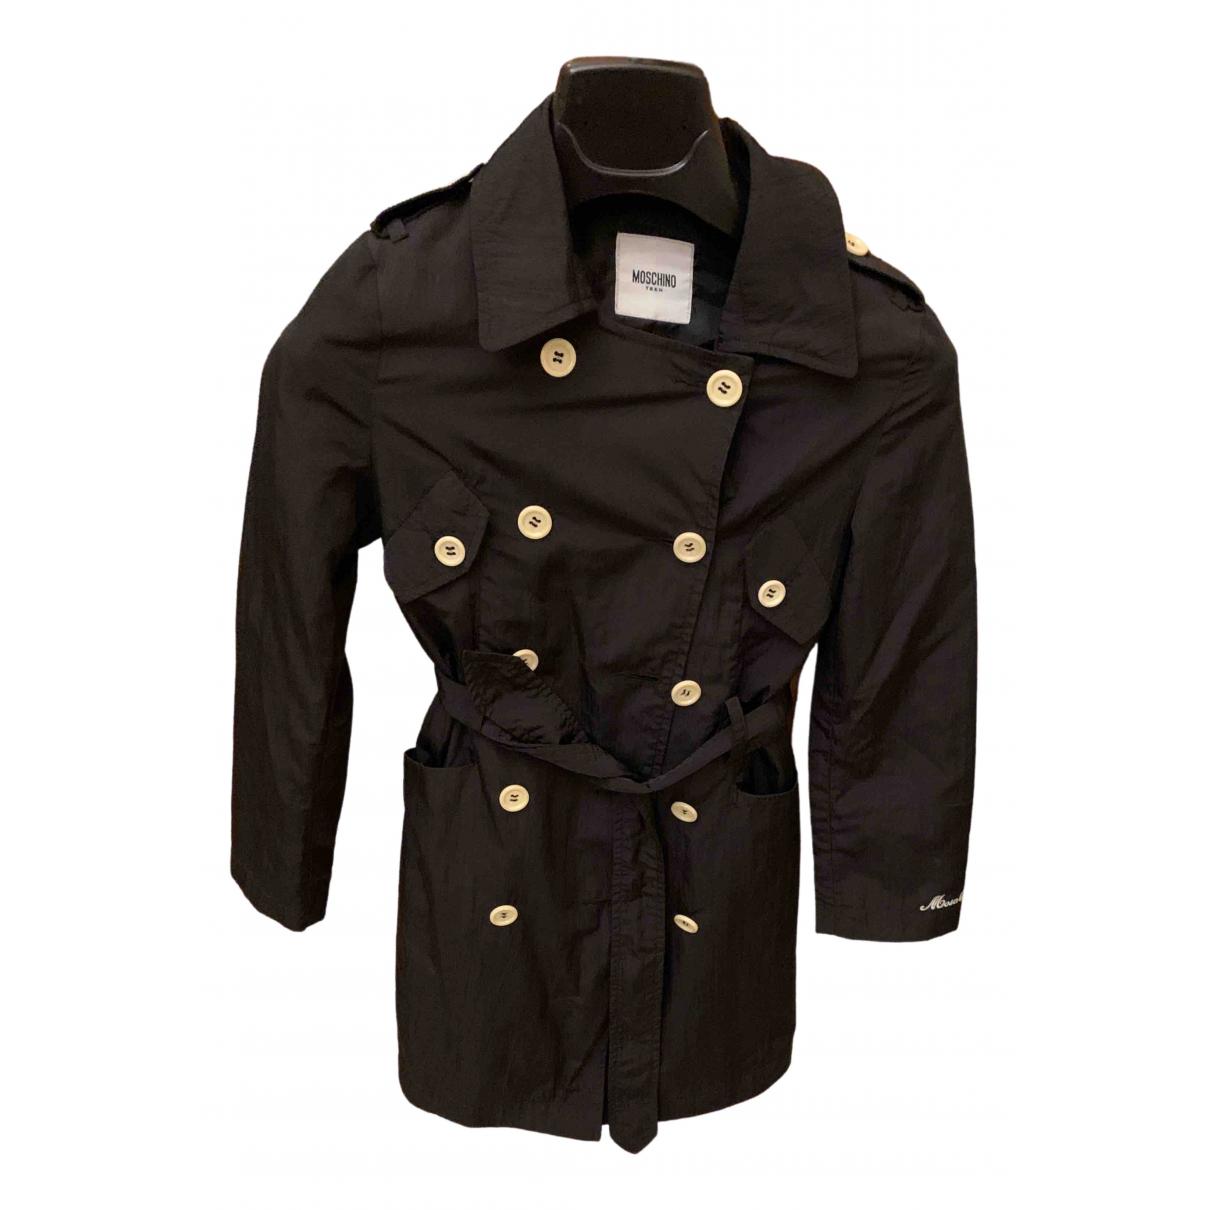 Moschino - Blousons.Manteaux   pour enfant - noir